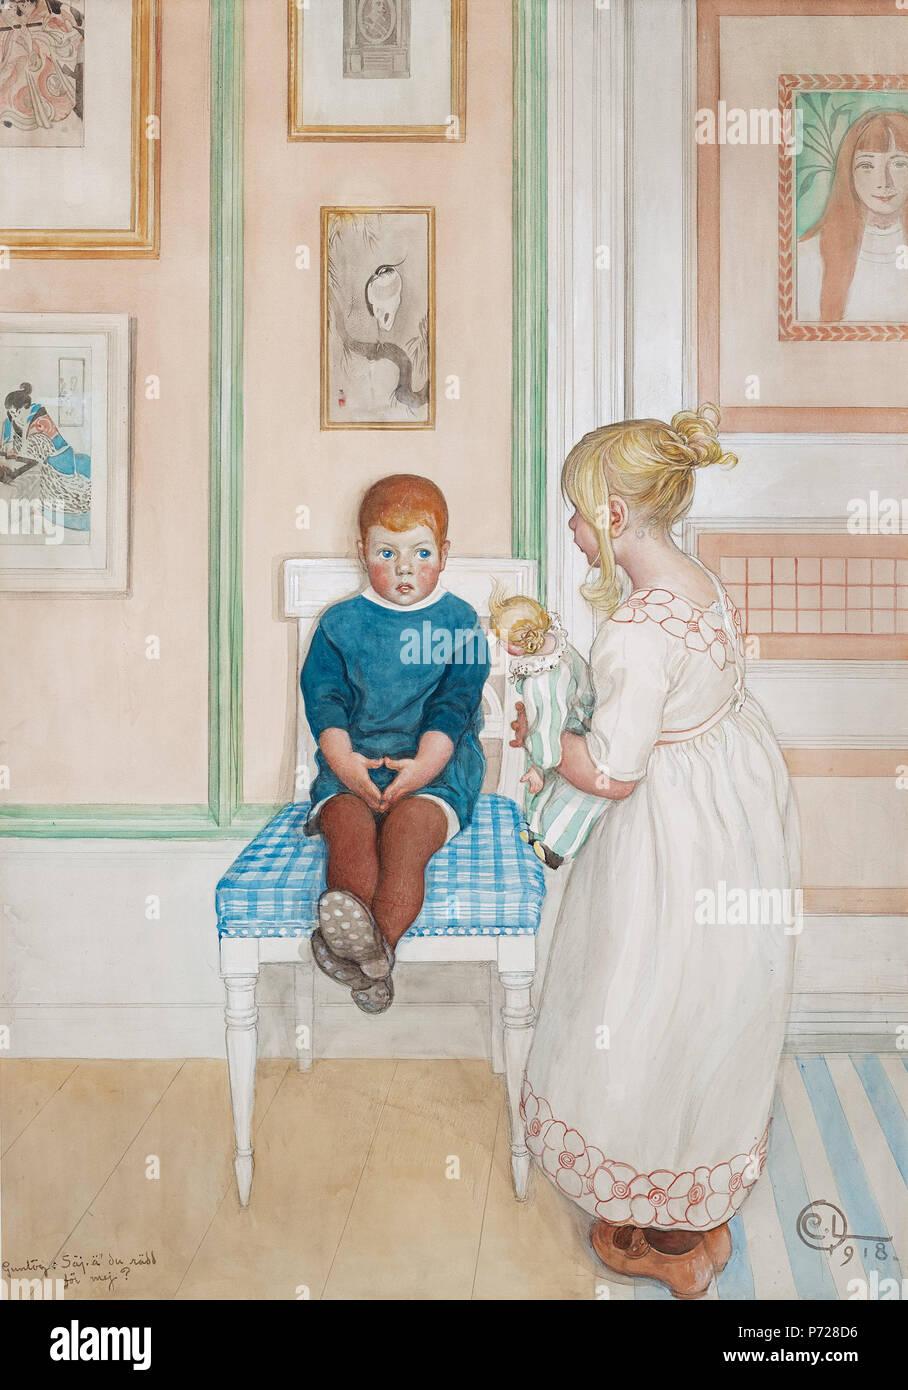 12 Carl Larsson - Gunlög Säj, ä' du rädd för mej  1918 - Stock Image